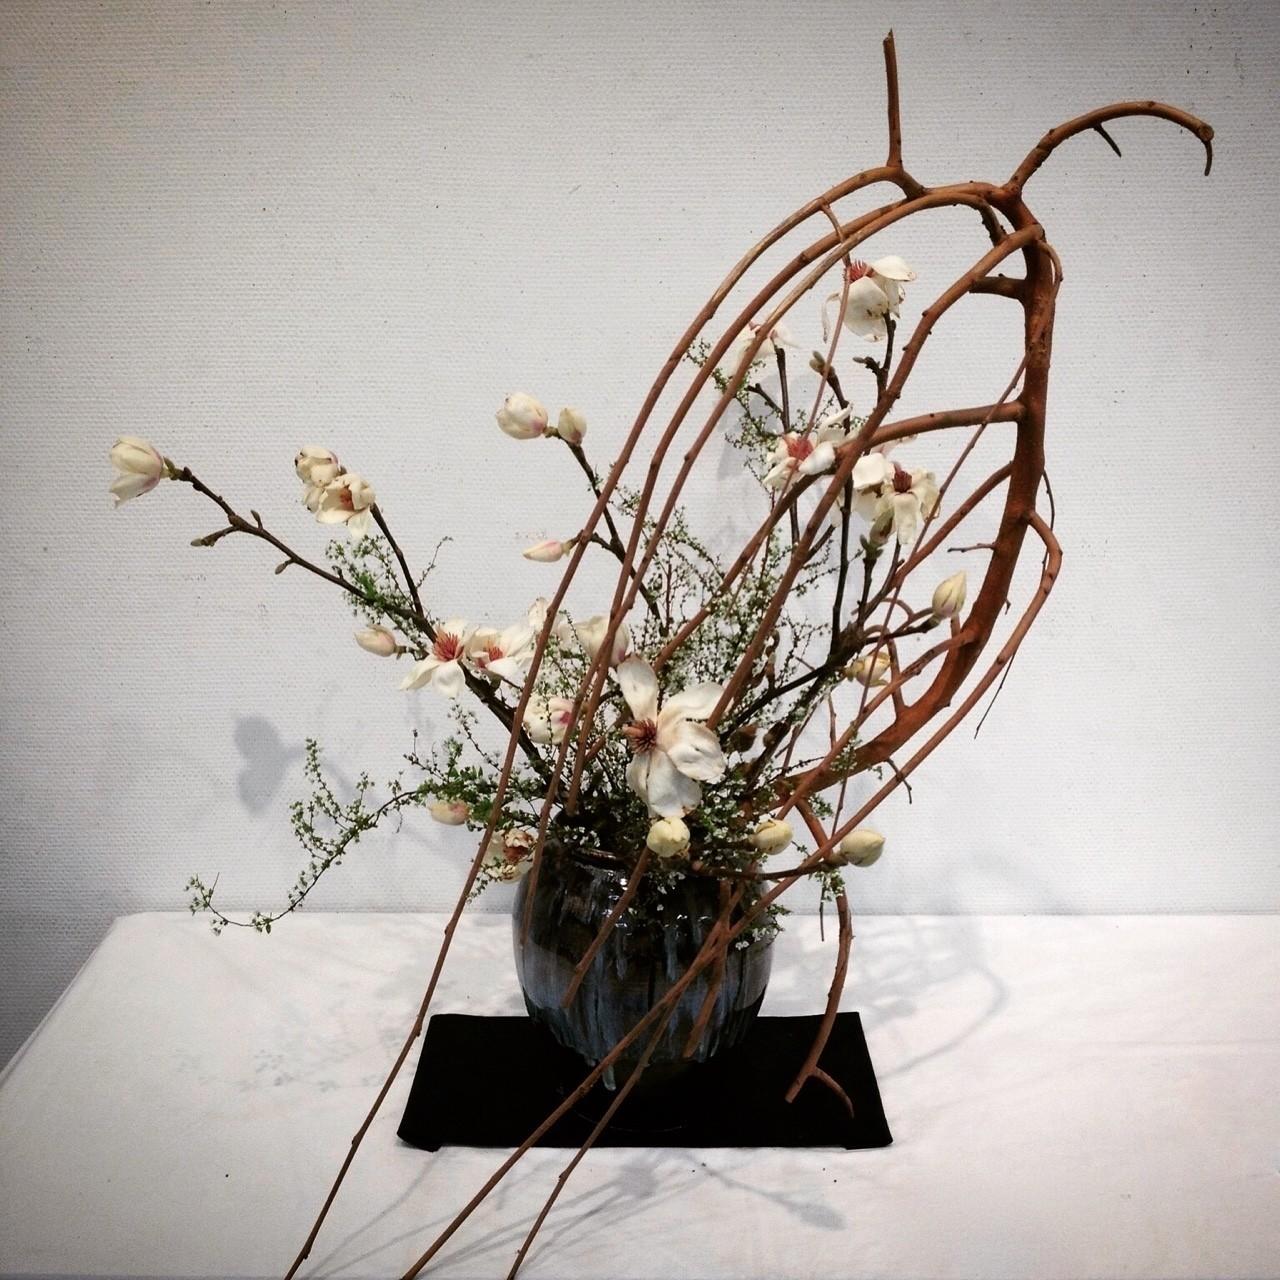 コブシ、雪柳、しだれ桑  寒風に耐え抜いた末に咲くから、春の花は美しい。  #華道 #いけばな #生け花 #草月 #草月流 #花 #植物 #アート #デザイン #いけばな男子#花のある暮らし